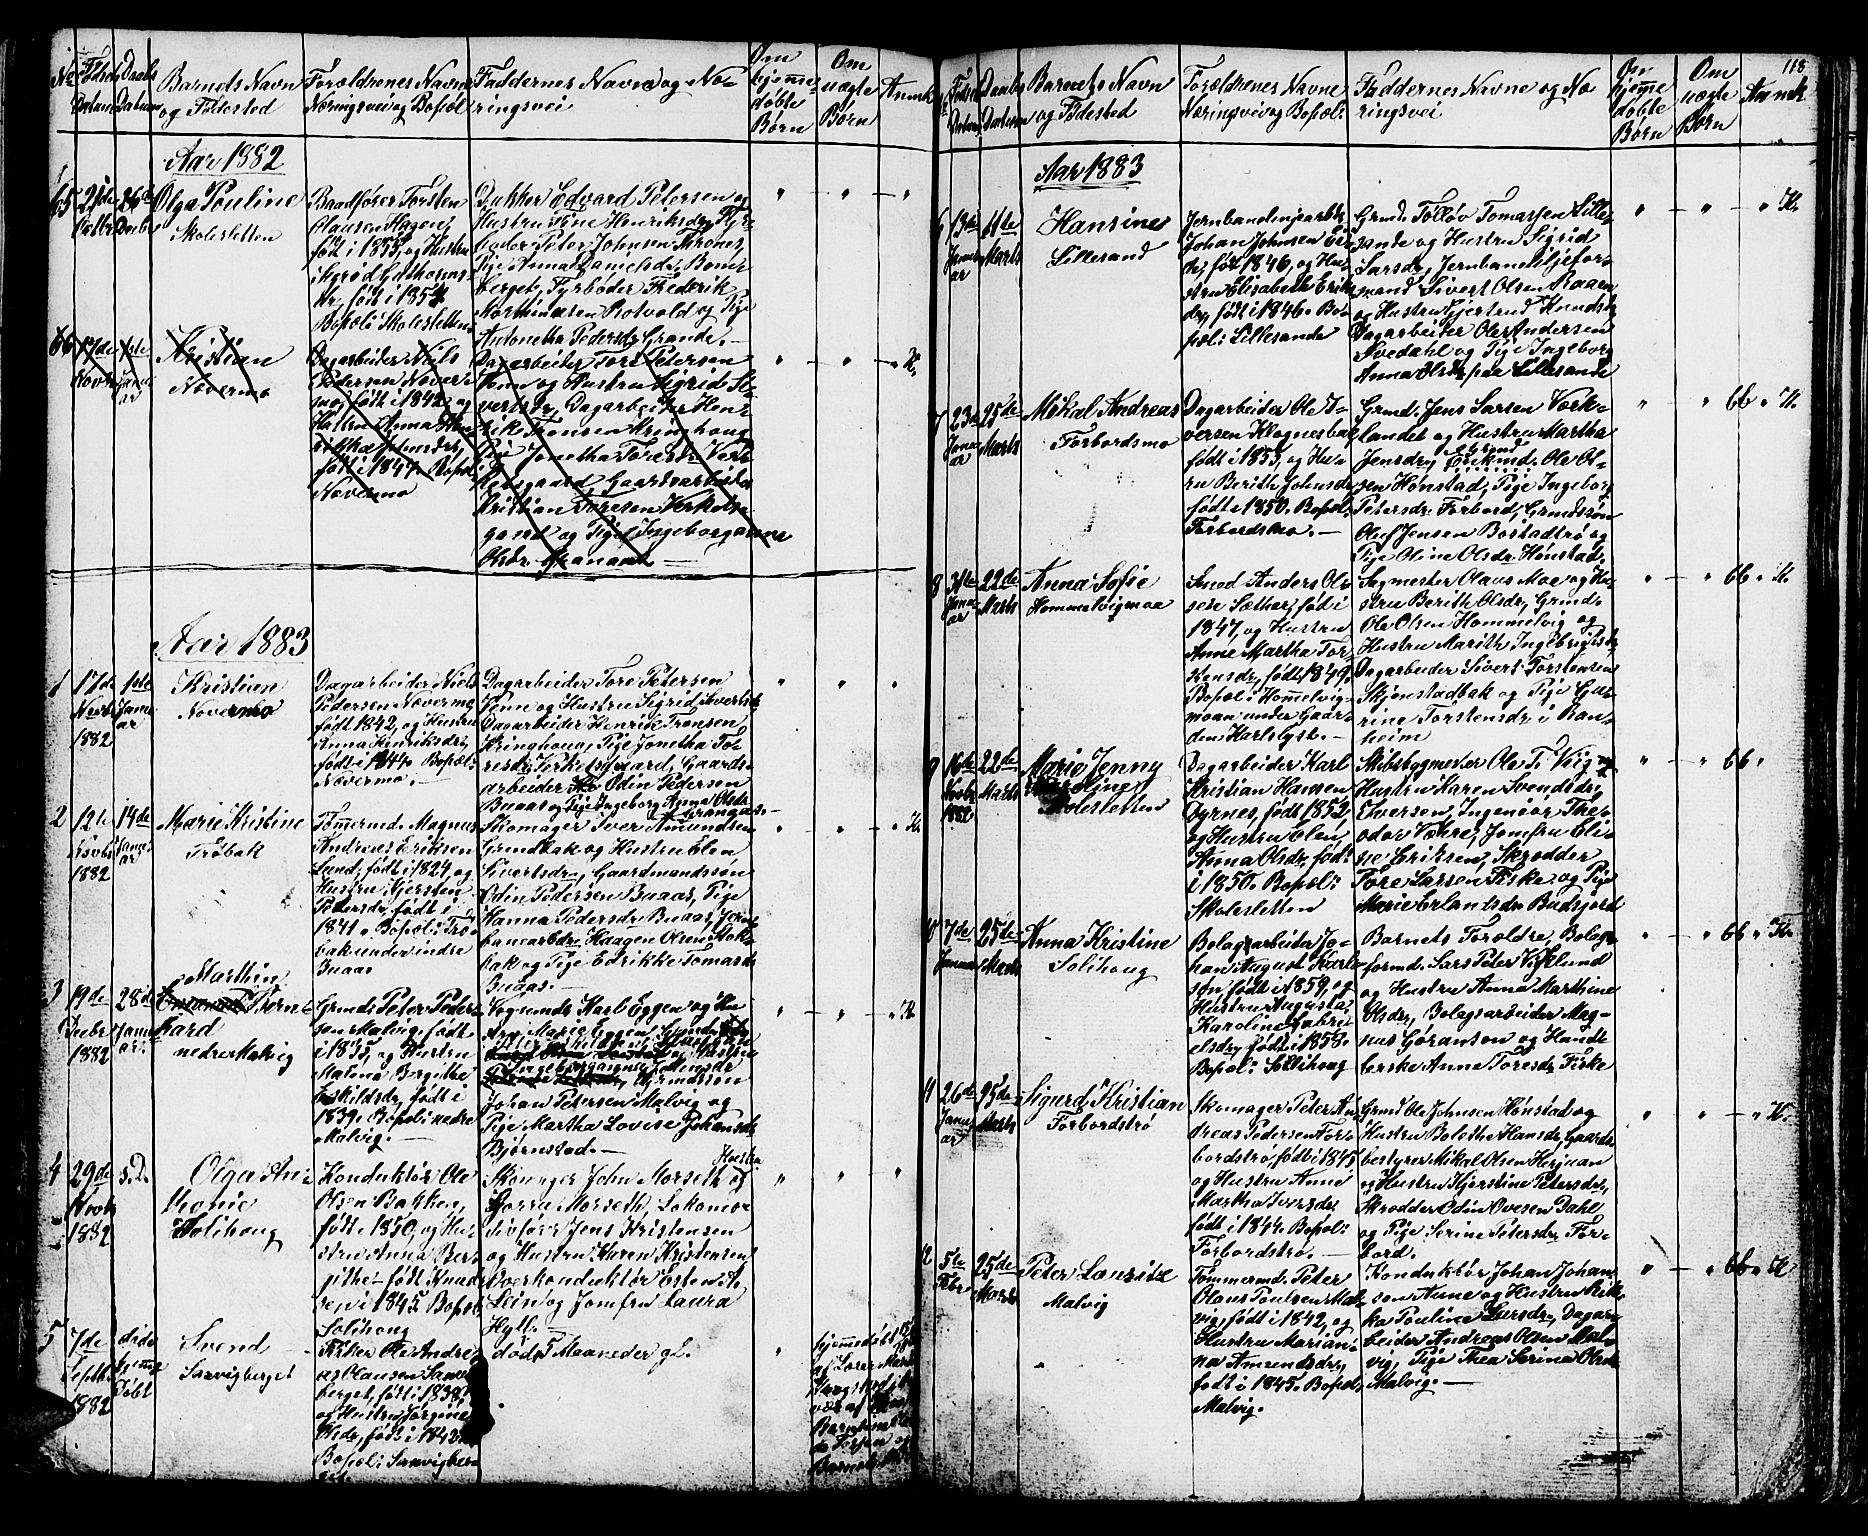 SAT, Ministerialprotokoller, klokkerbøker og fødselsregistre - Sør-Trøndelag, 616/L0422: Klokkerbok nr. 616C05, 1850-1888, s. 118